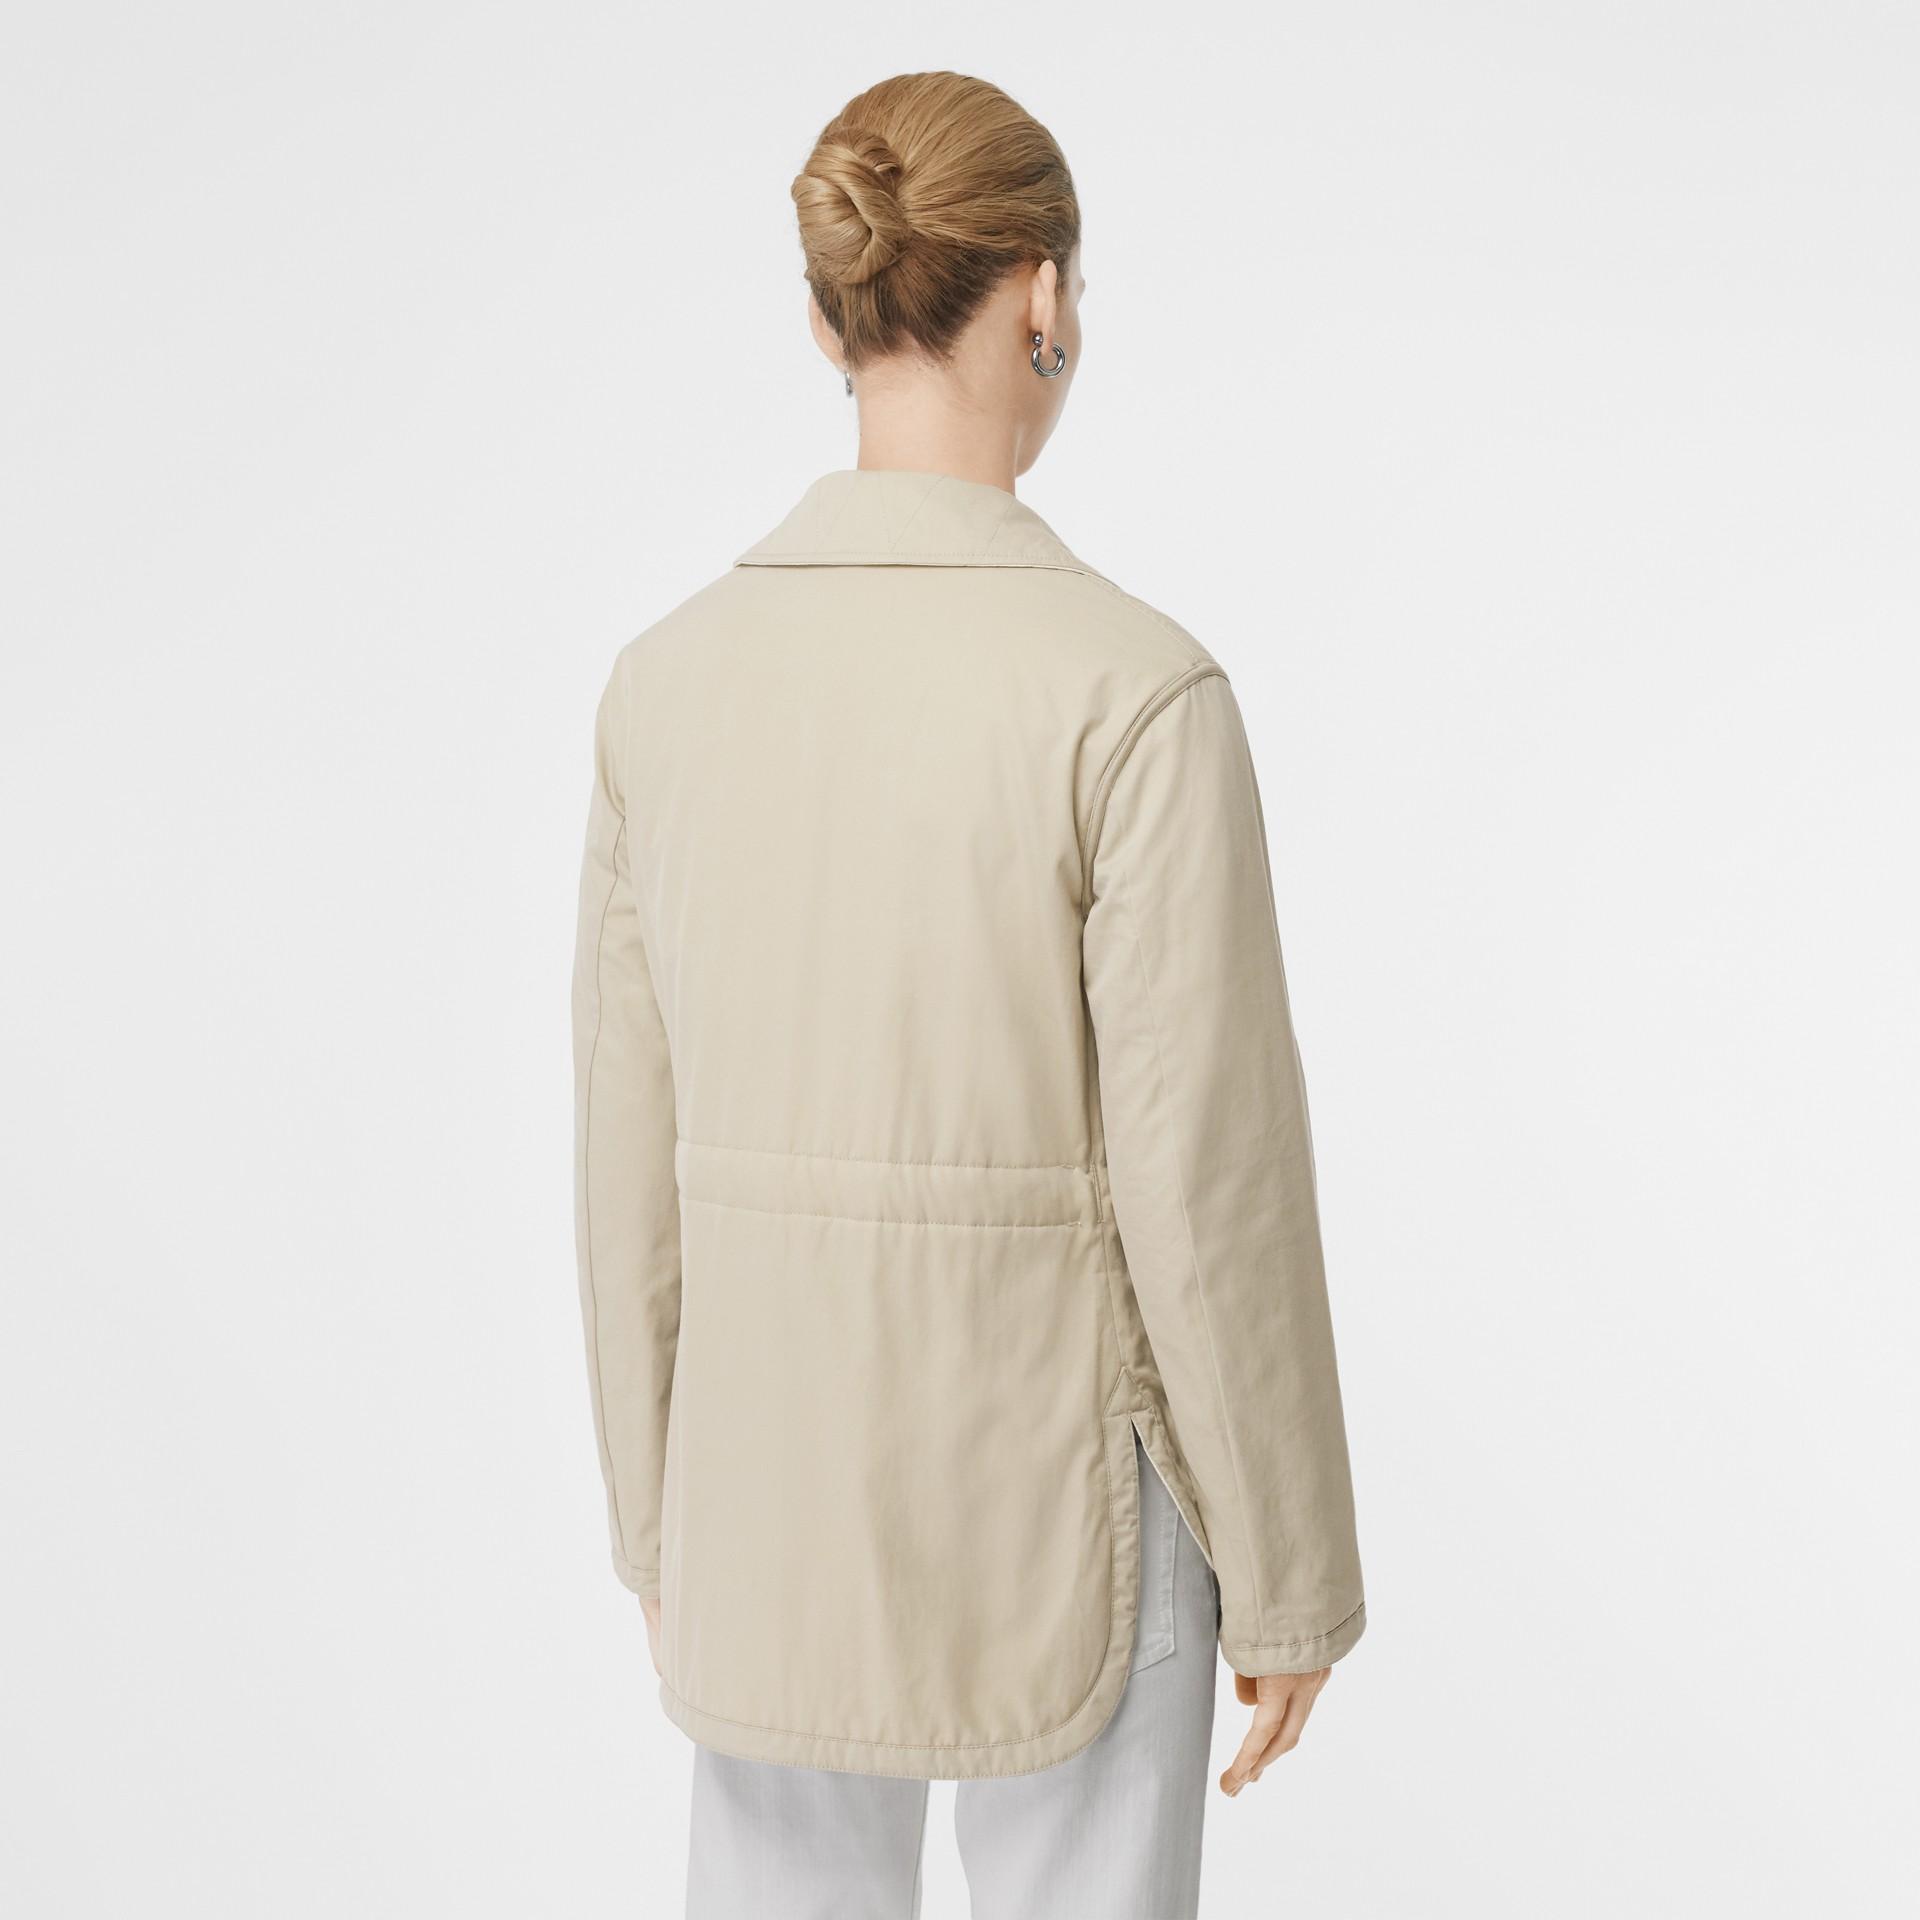 Giacca reversibile in cotone trapuntato (Bianco Naturale) - Donna | Burberry - immagine della galleria 2